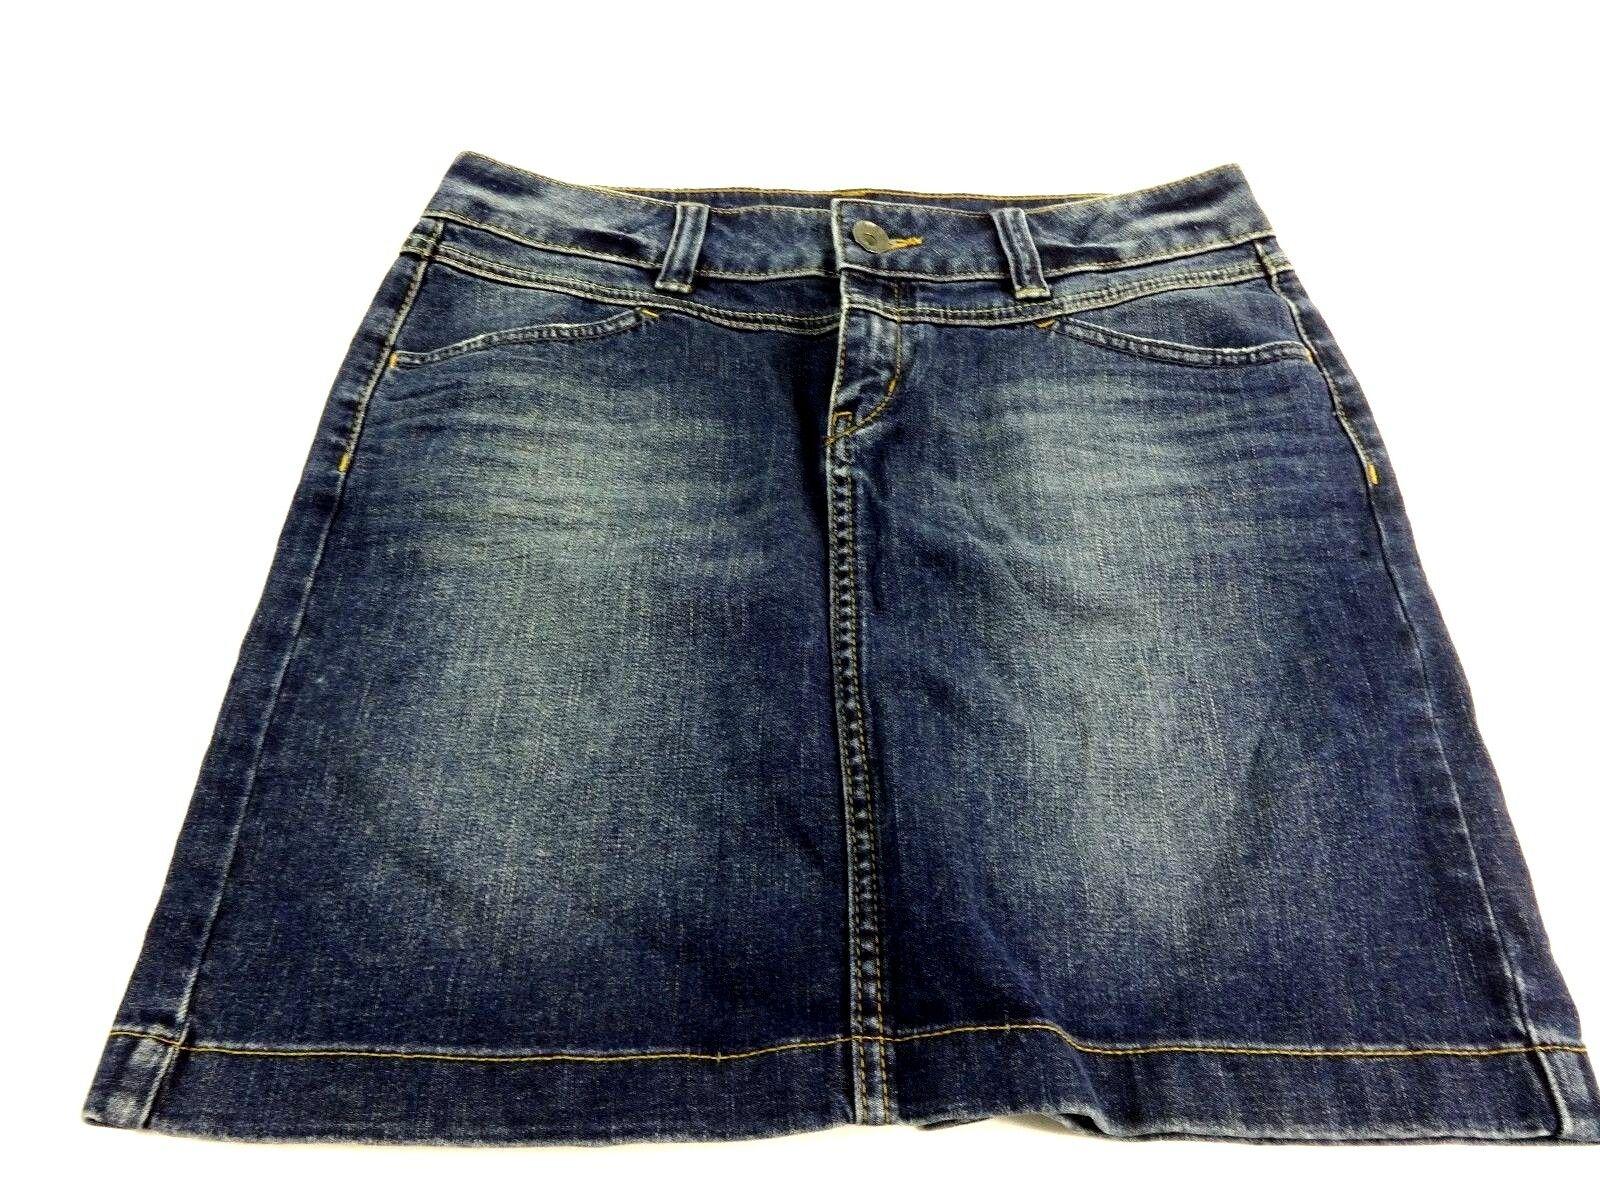 02520c5e9d Cute Blue Jean Skirt Outfits | Saddha